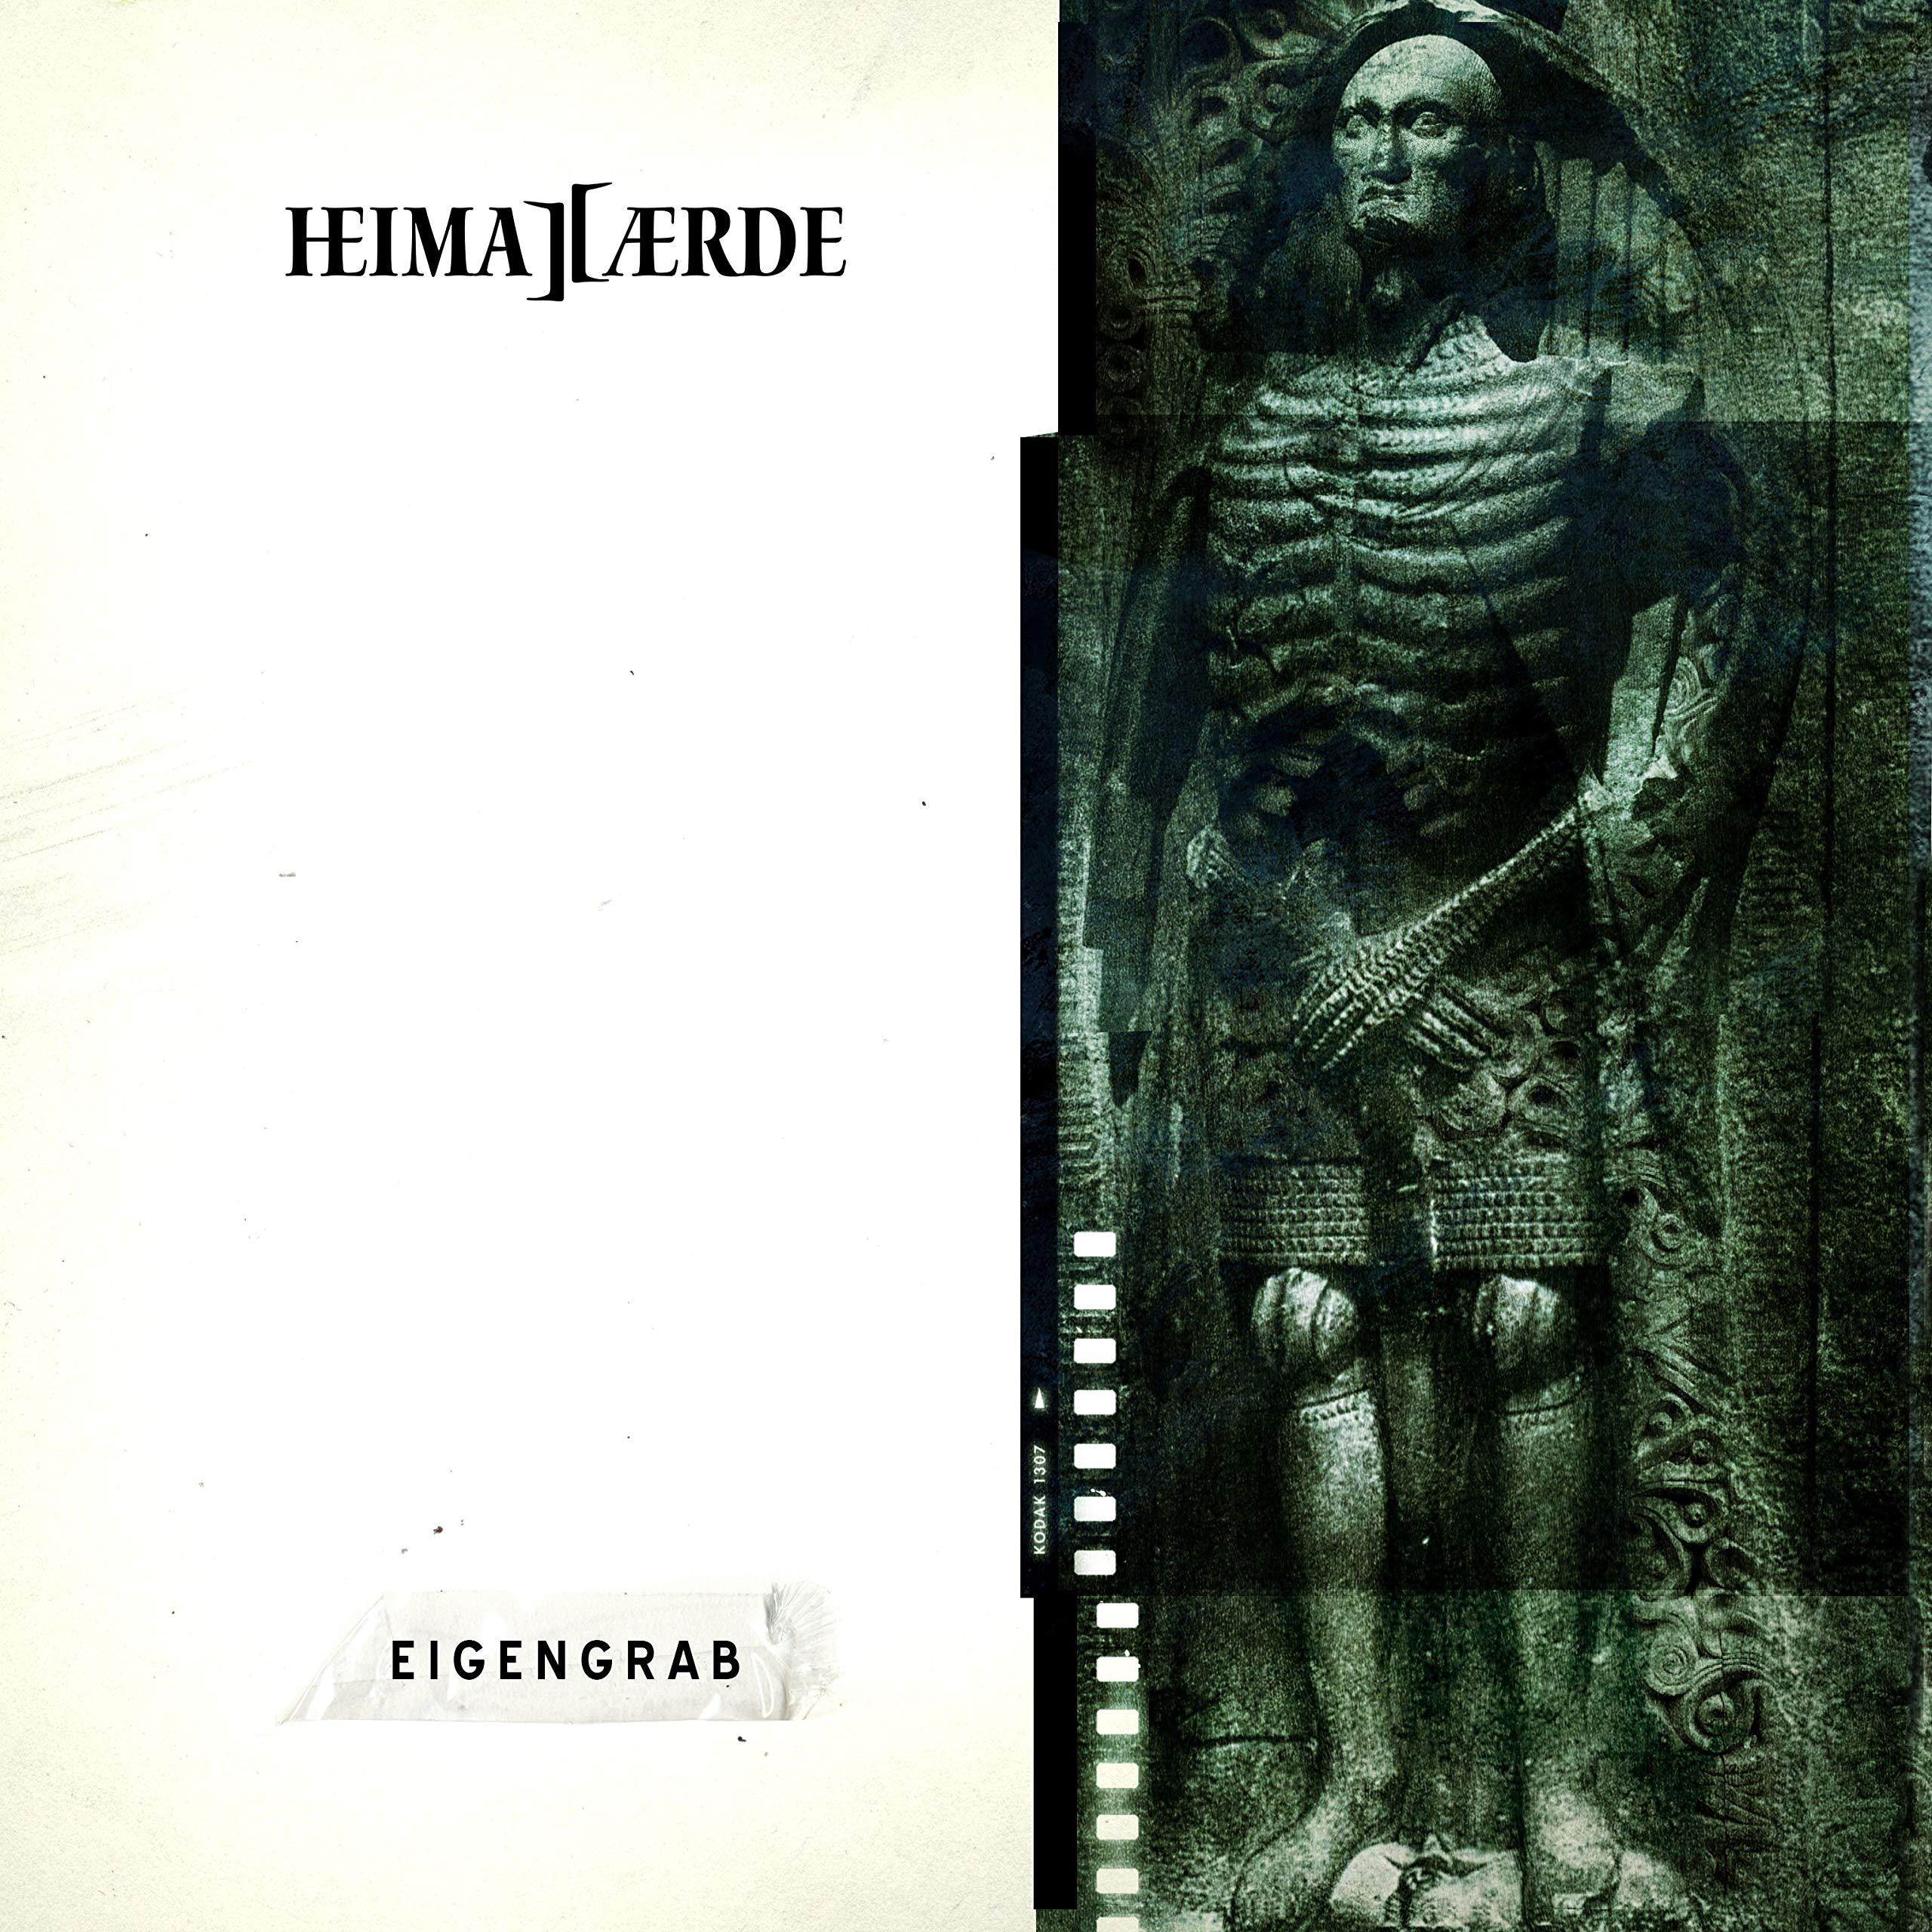 Heimatærde - Eigengrab (2020) [FLAC] Download